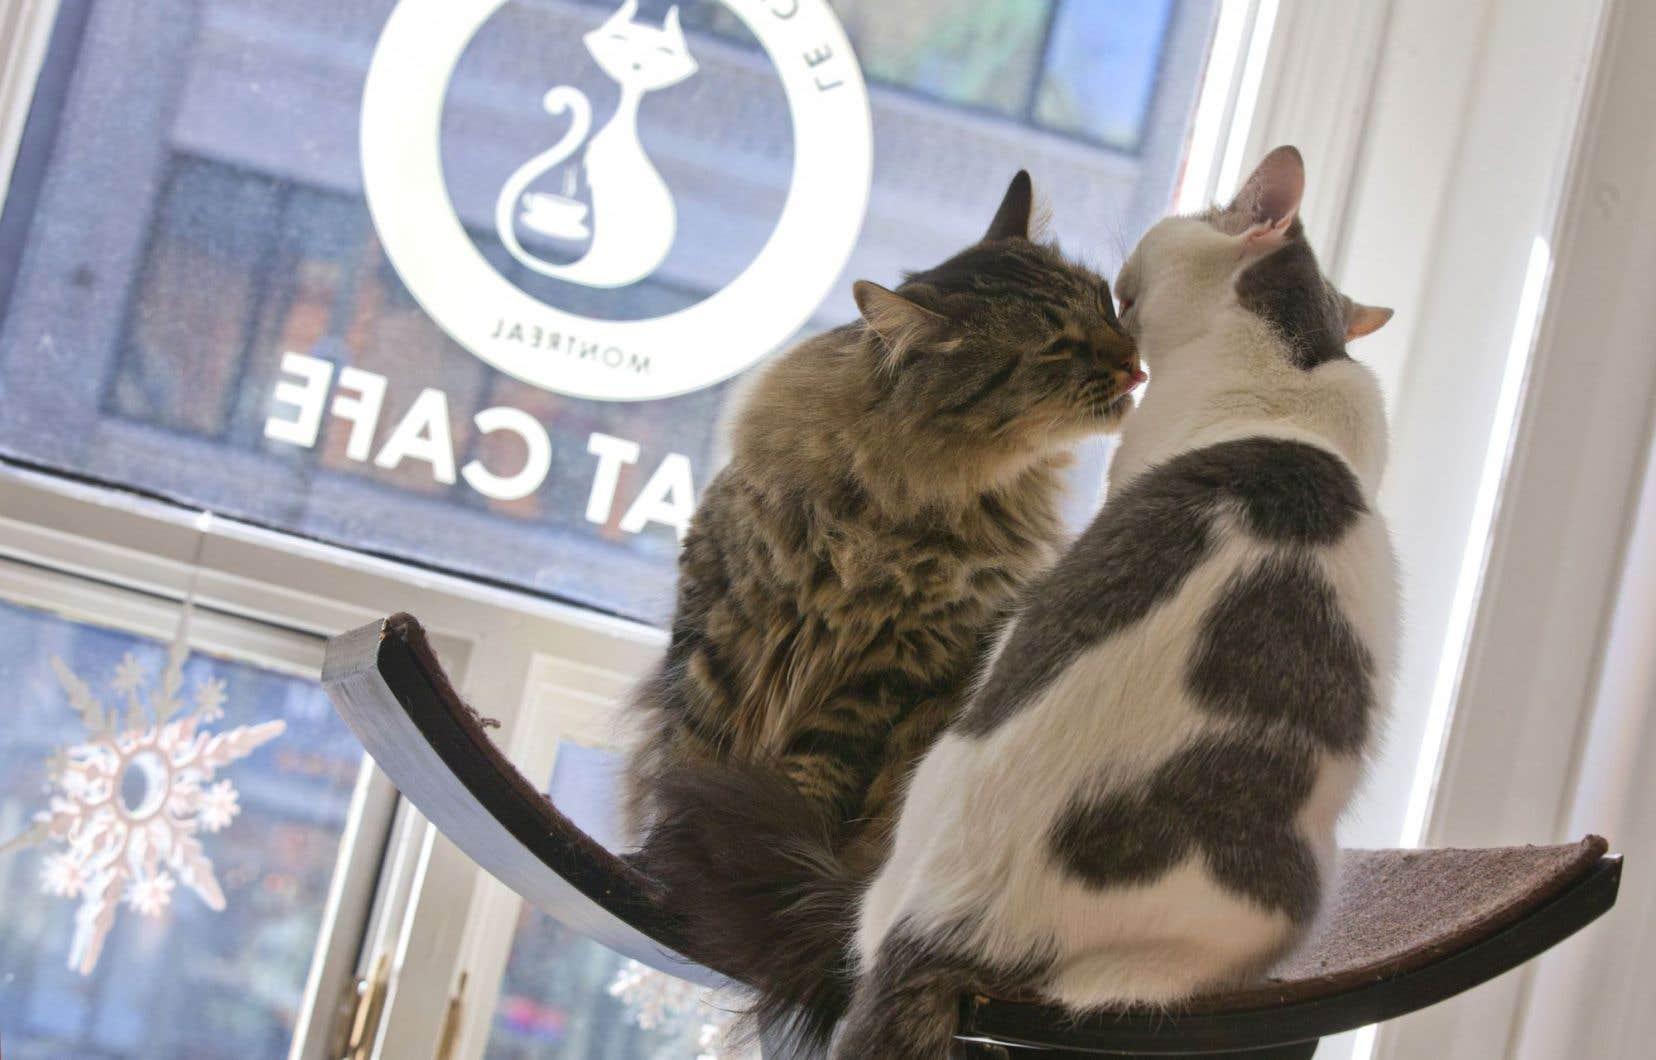 Indifférents au spectacle de la rue, les vedettes du Café des chats sont juchées au sommet du monde et affectionnent leurs semblables, épris de liberté.